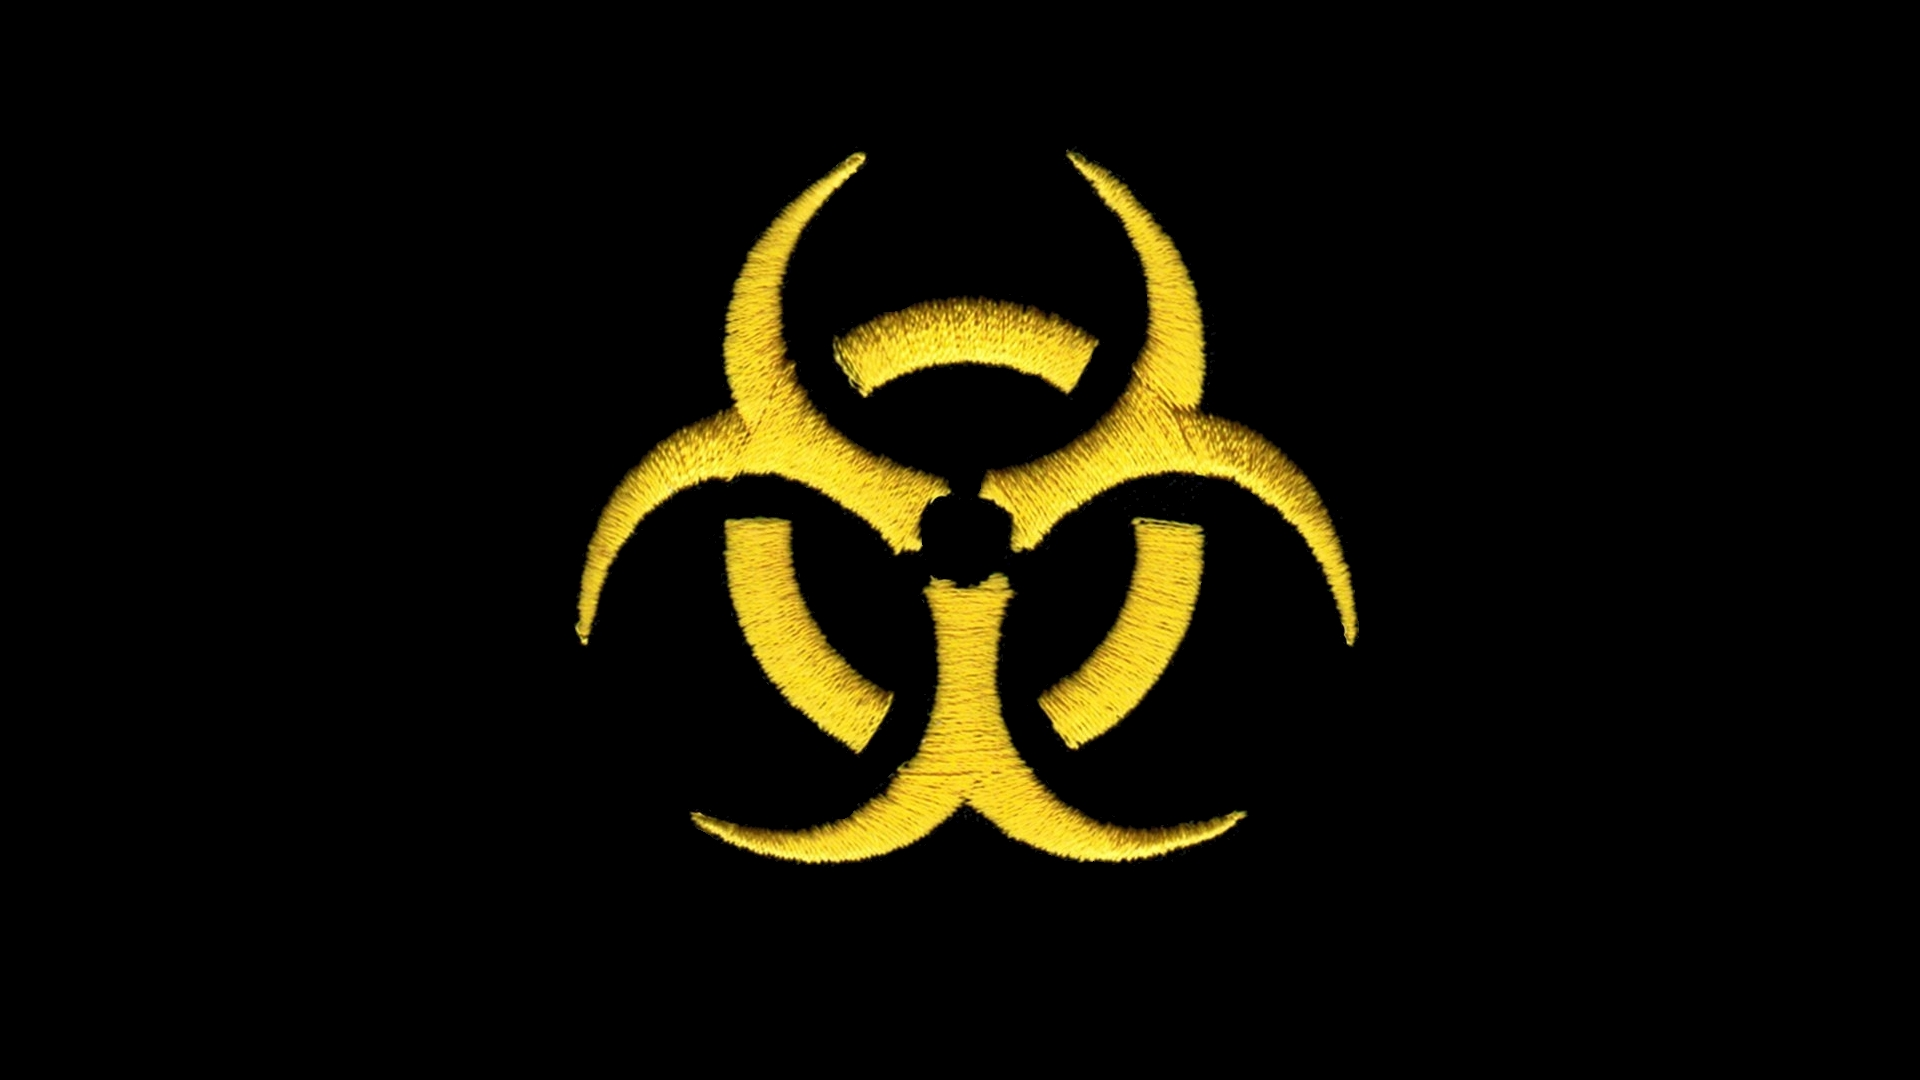 Avatar Wallpaper Hd 3d Biohazard Computer Wallpapers Desktop Backgrounds